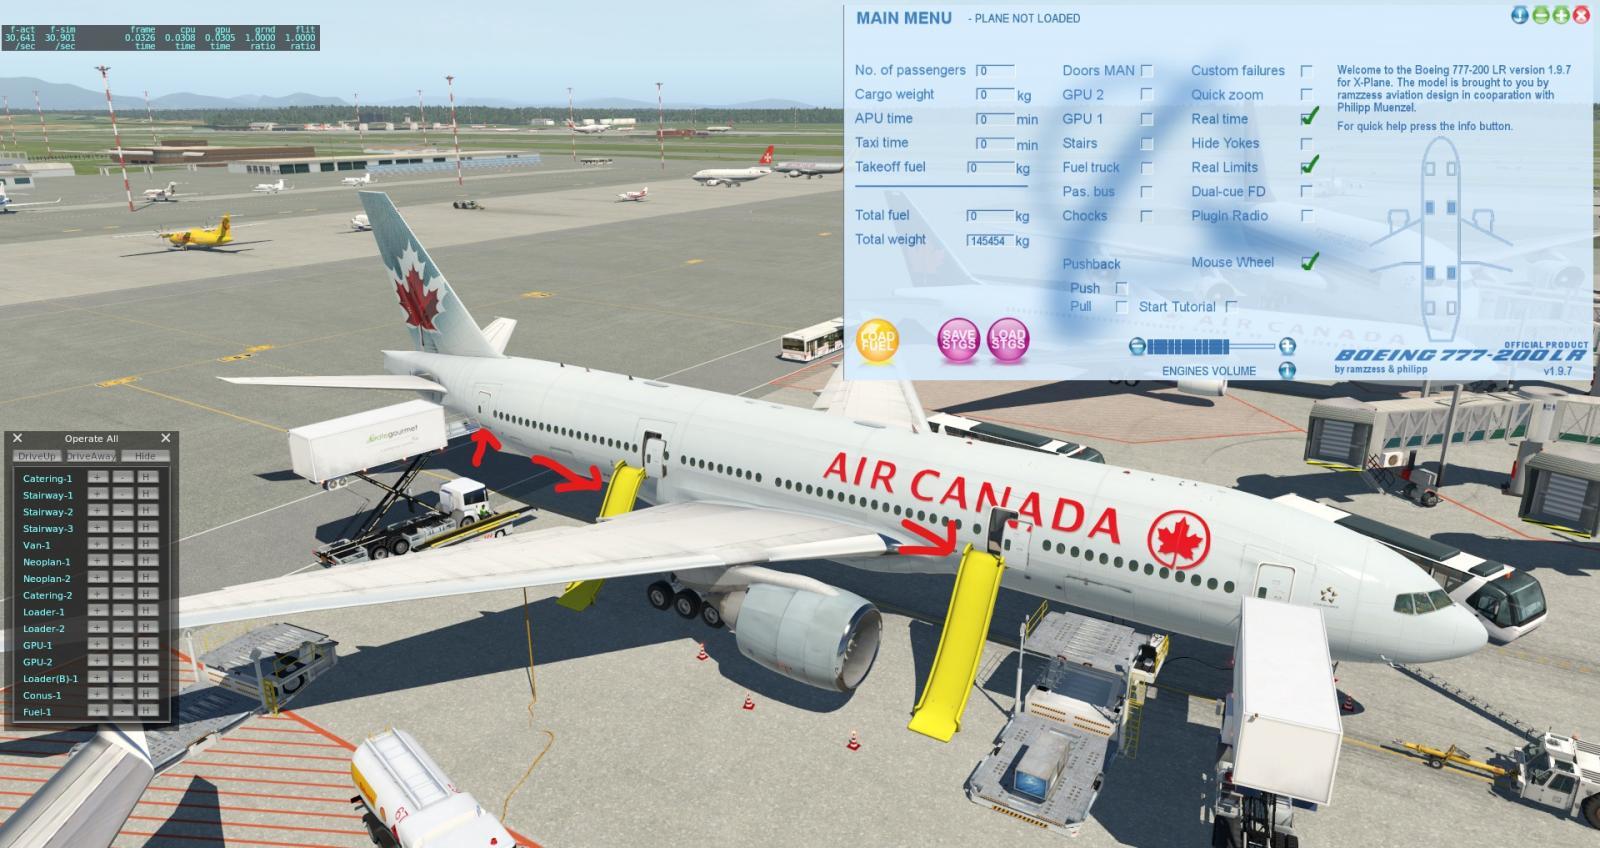 772LR and Ground Handling Deluxe - Boeing 777 Worldliner